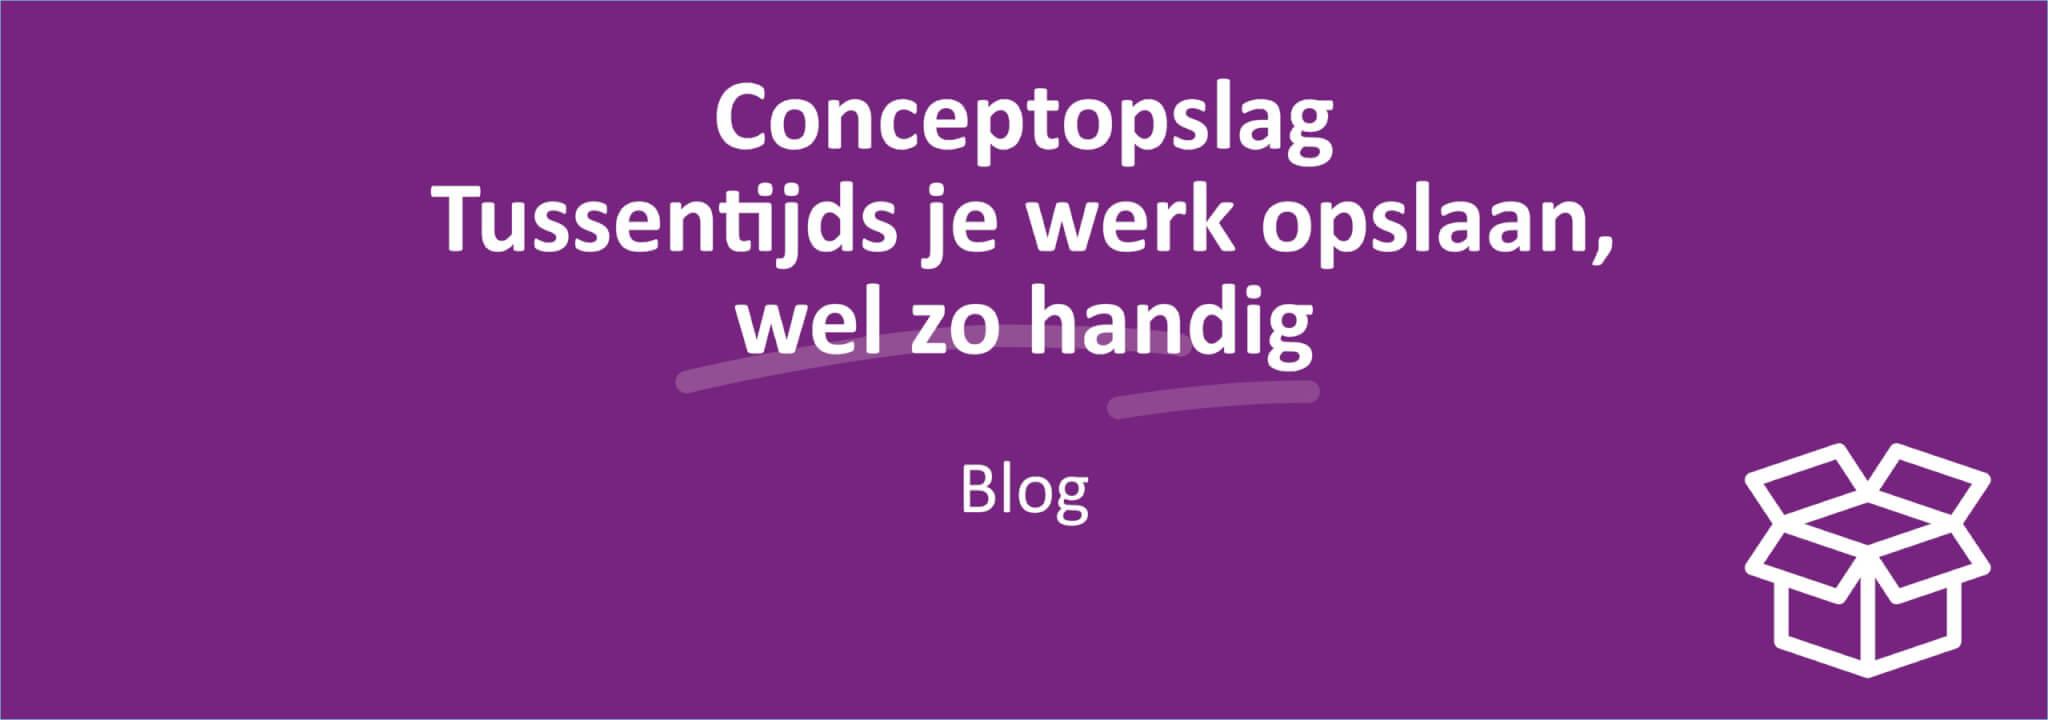 Conceptopslag Image